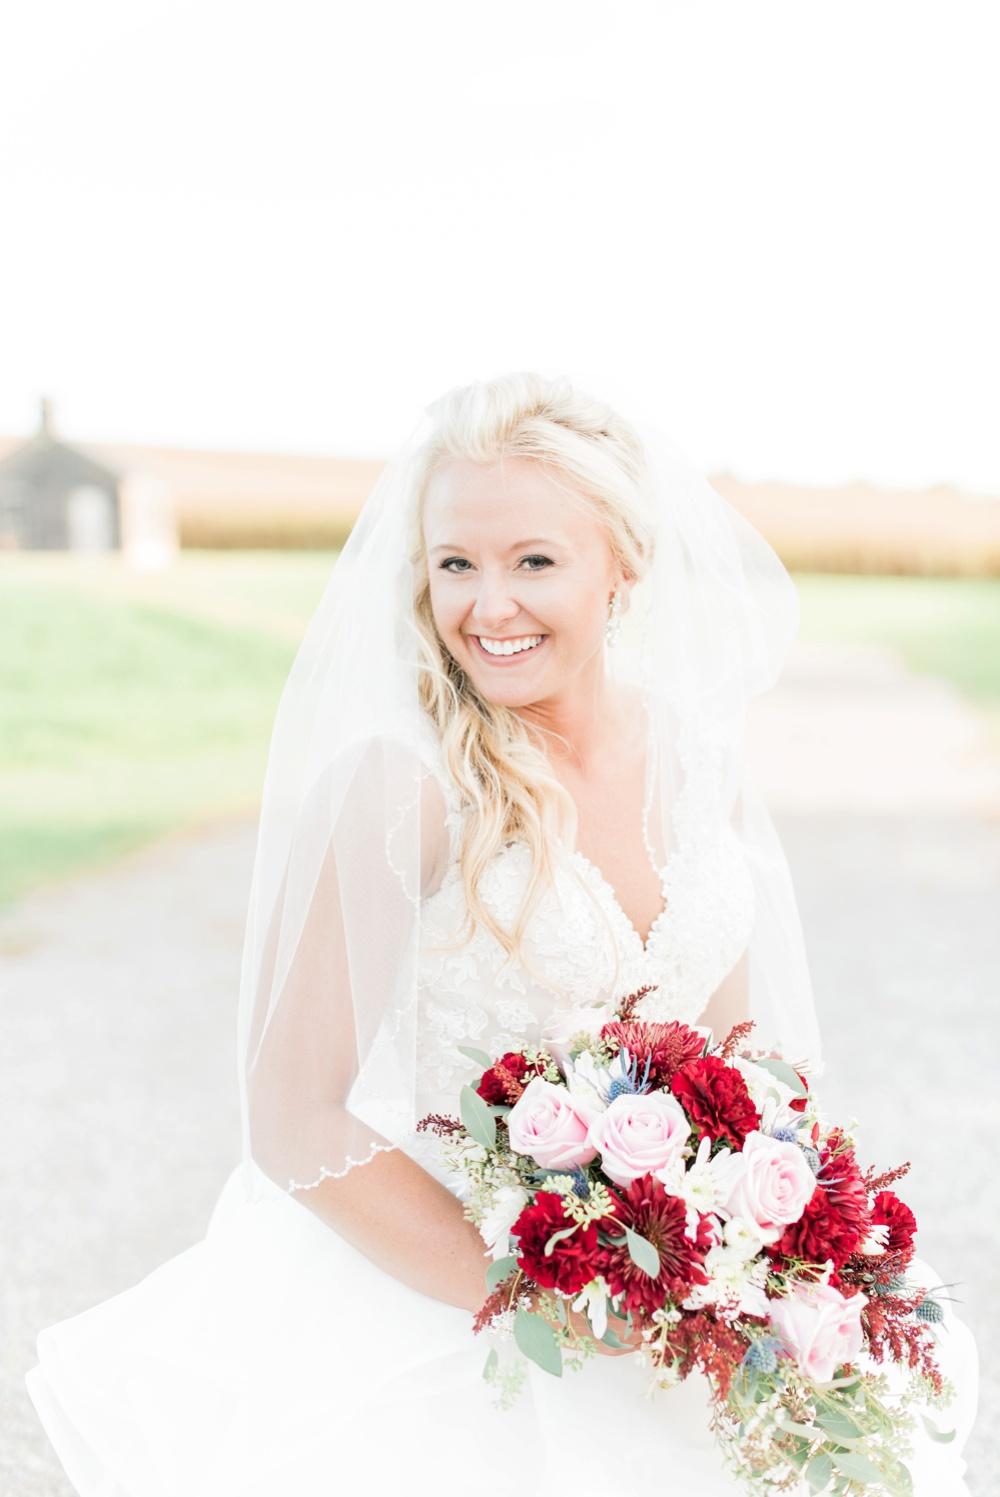 blessings-farmstead-wedding-lancaster-ohio-whitney-colby_0124.jpg